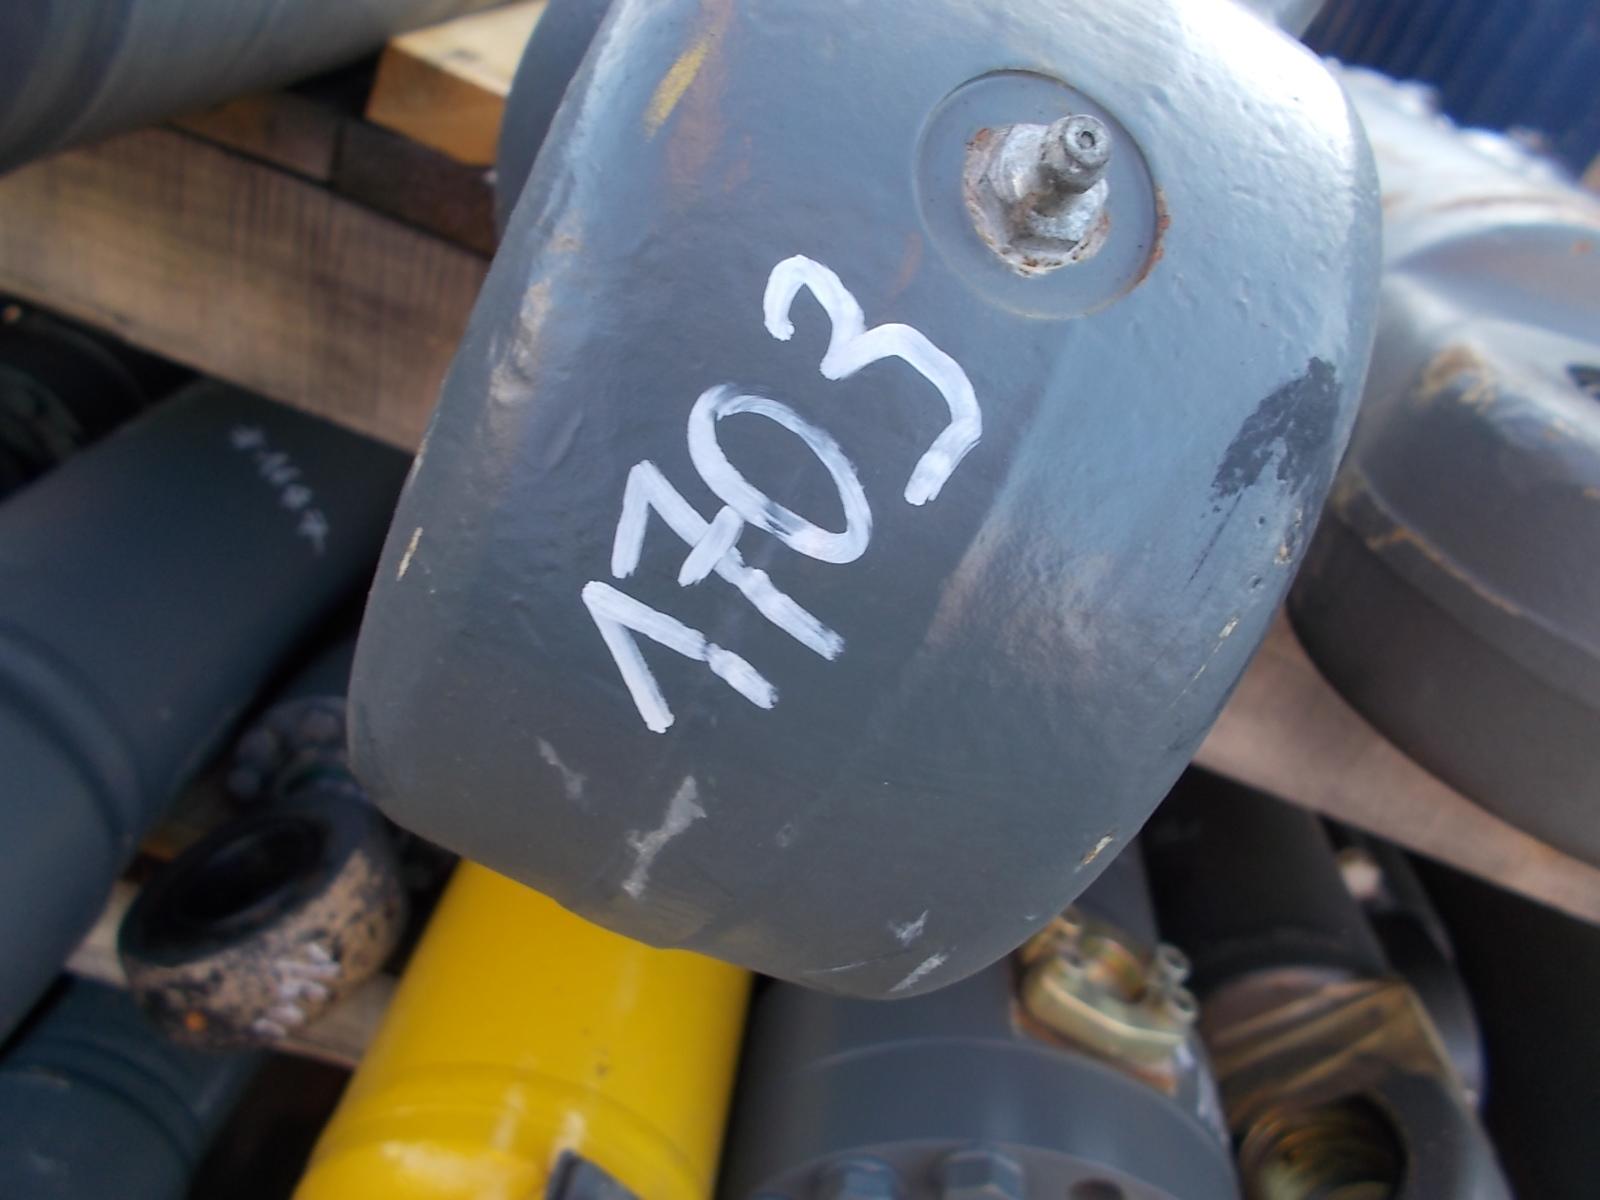 DSCN2809.JPG